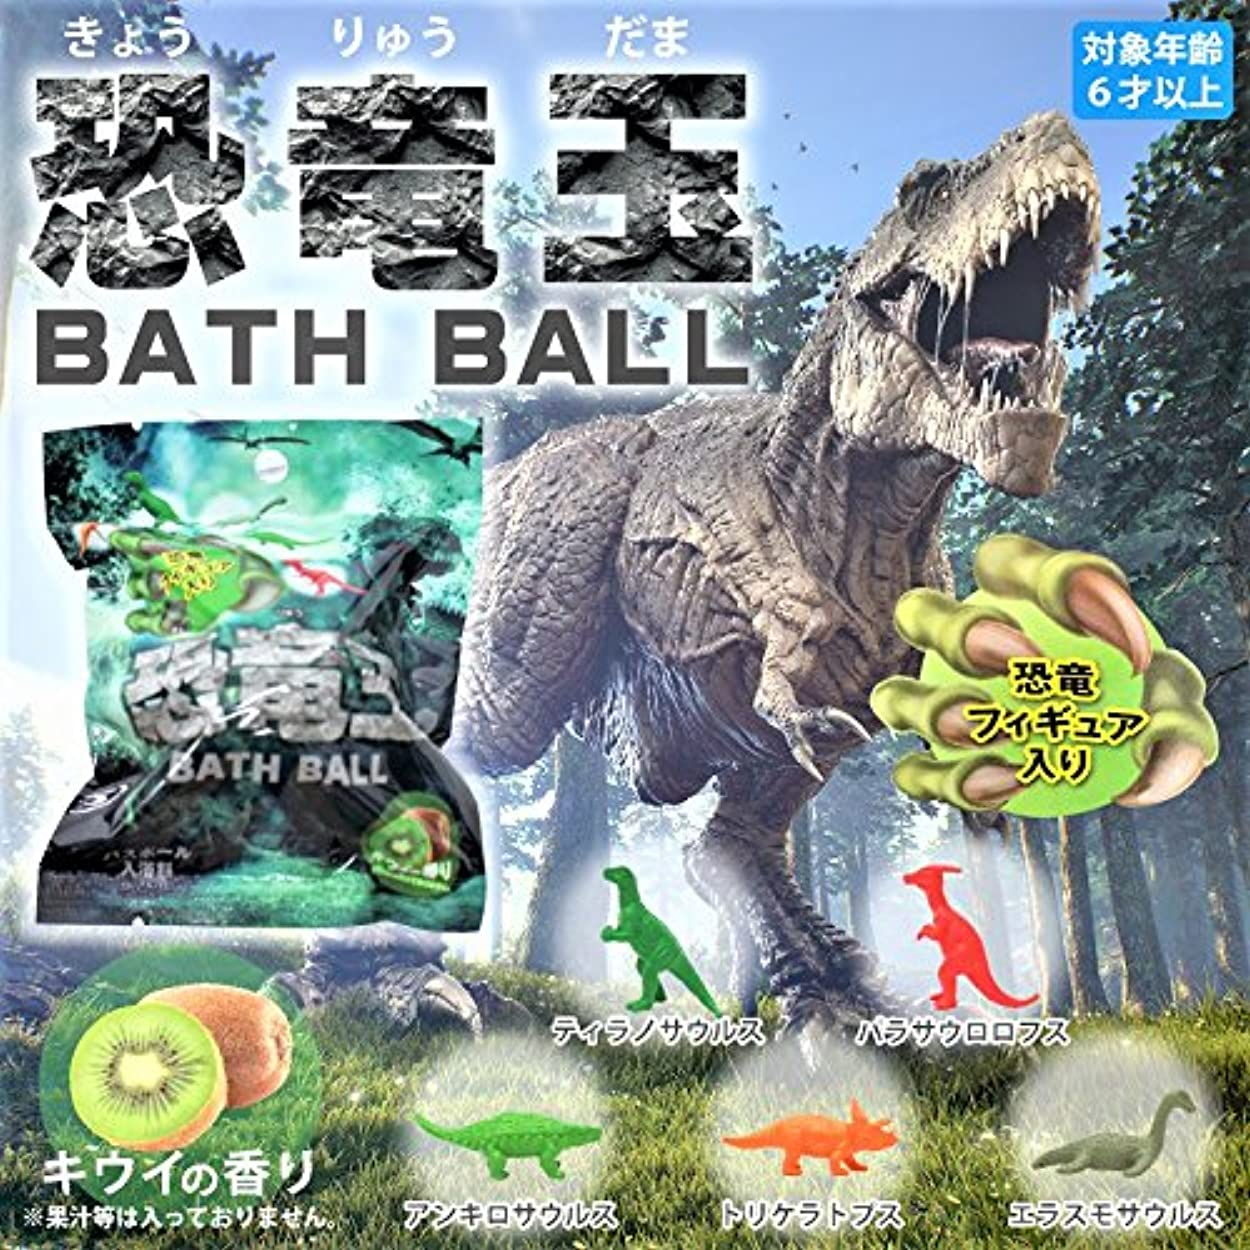 受益者恐竜スケッチ恐竜玉バスボール 6個1セット キウイの香り 恐竜フィギュア入りバスボール 入浴剤